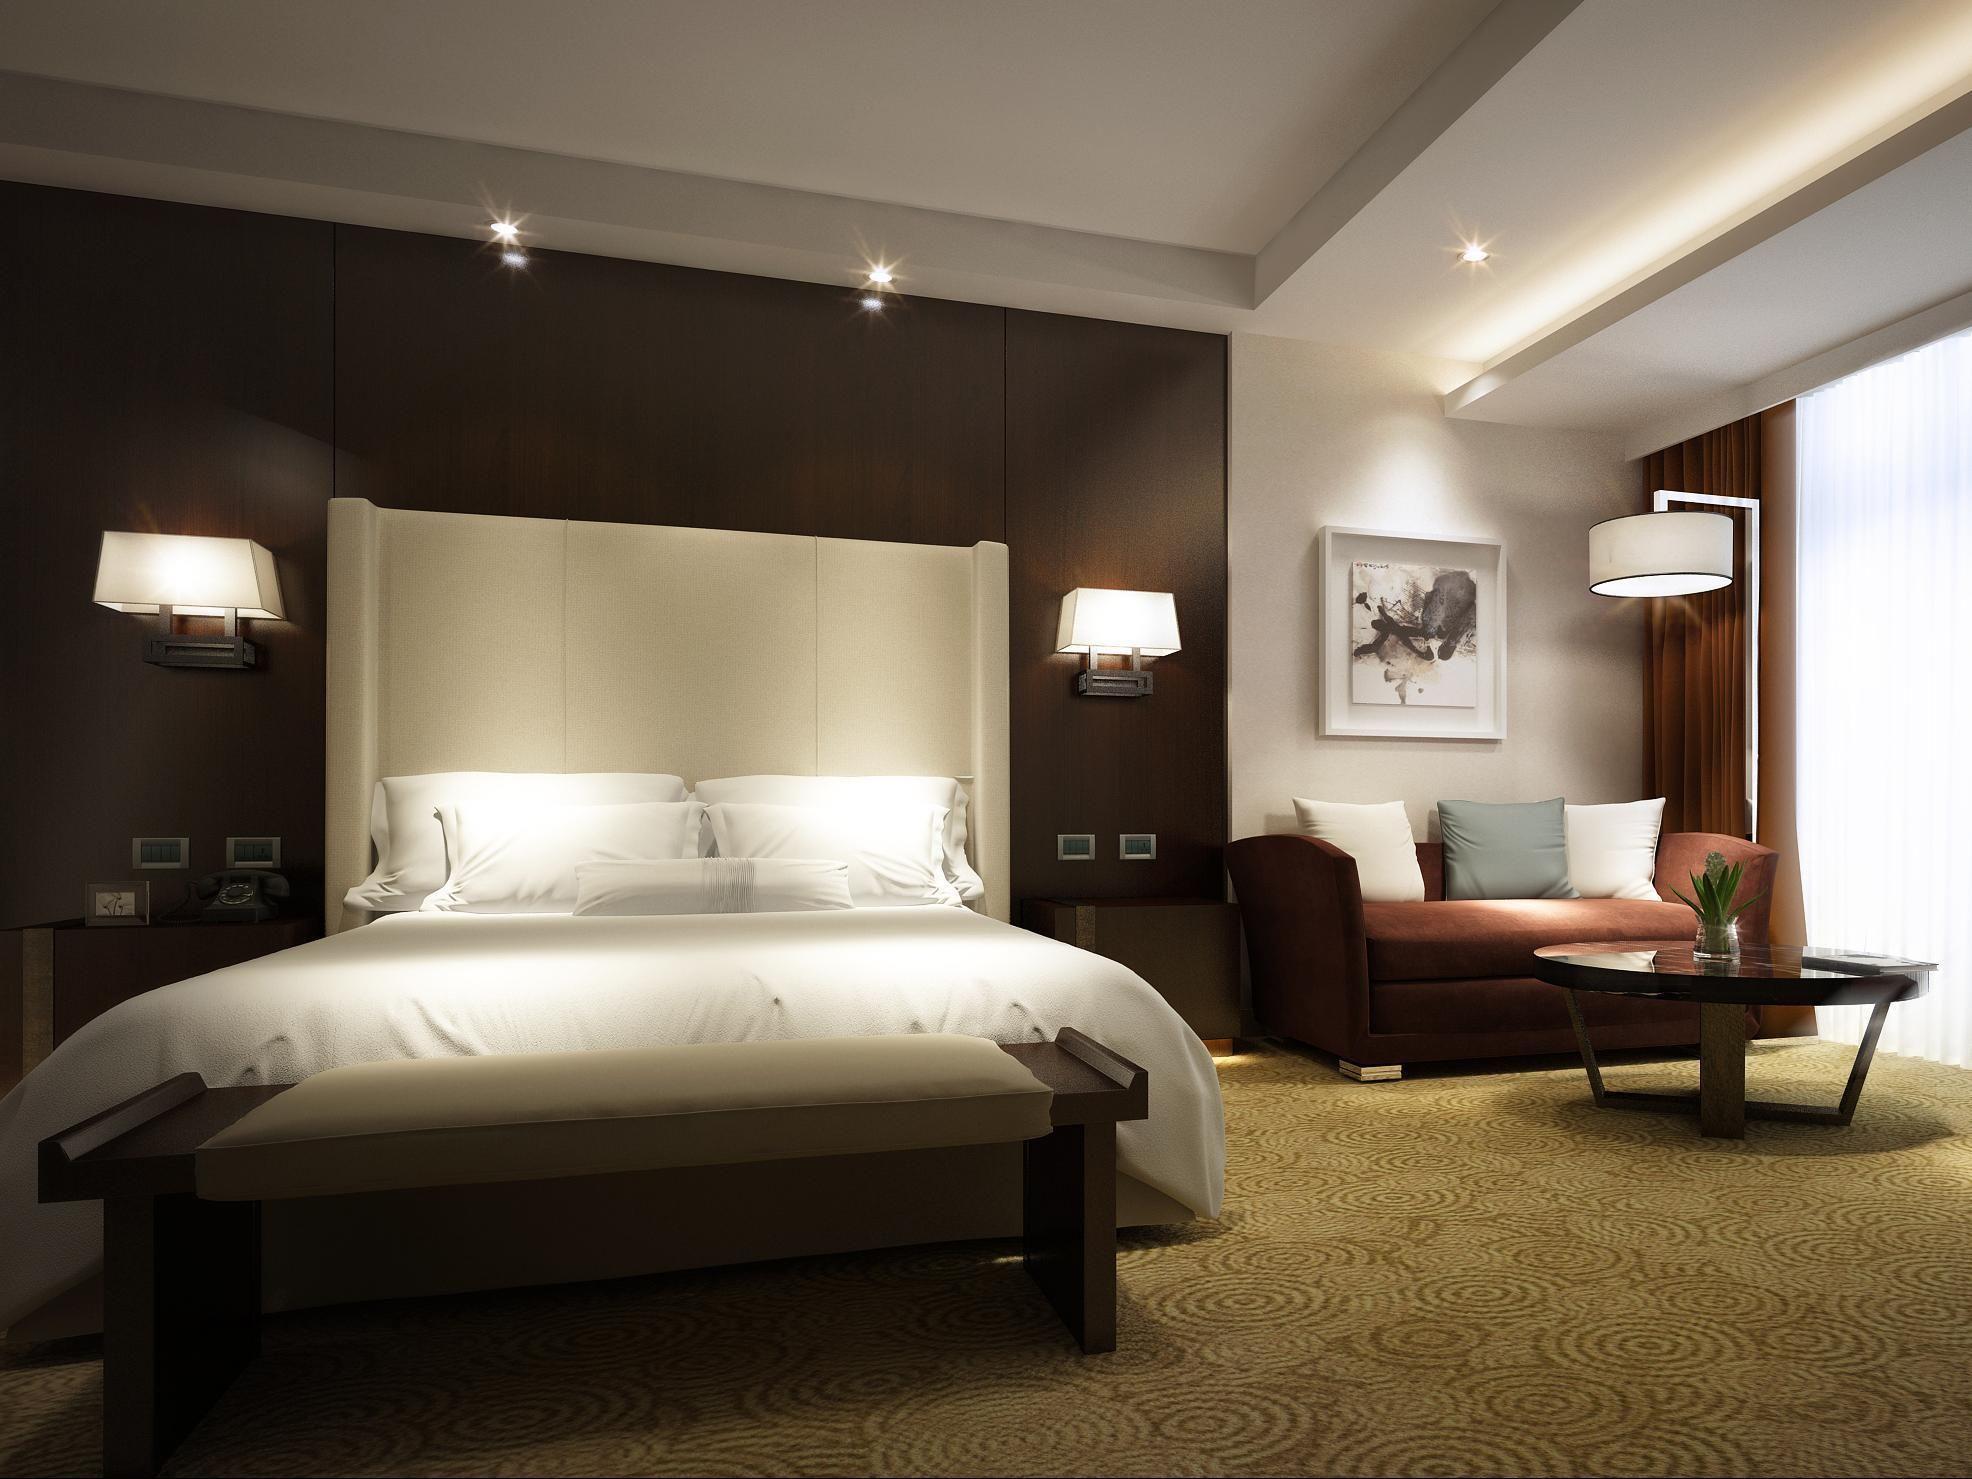 هتل جی دبلیو ماریوت پکن